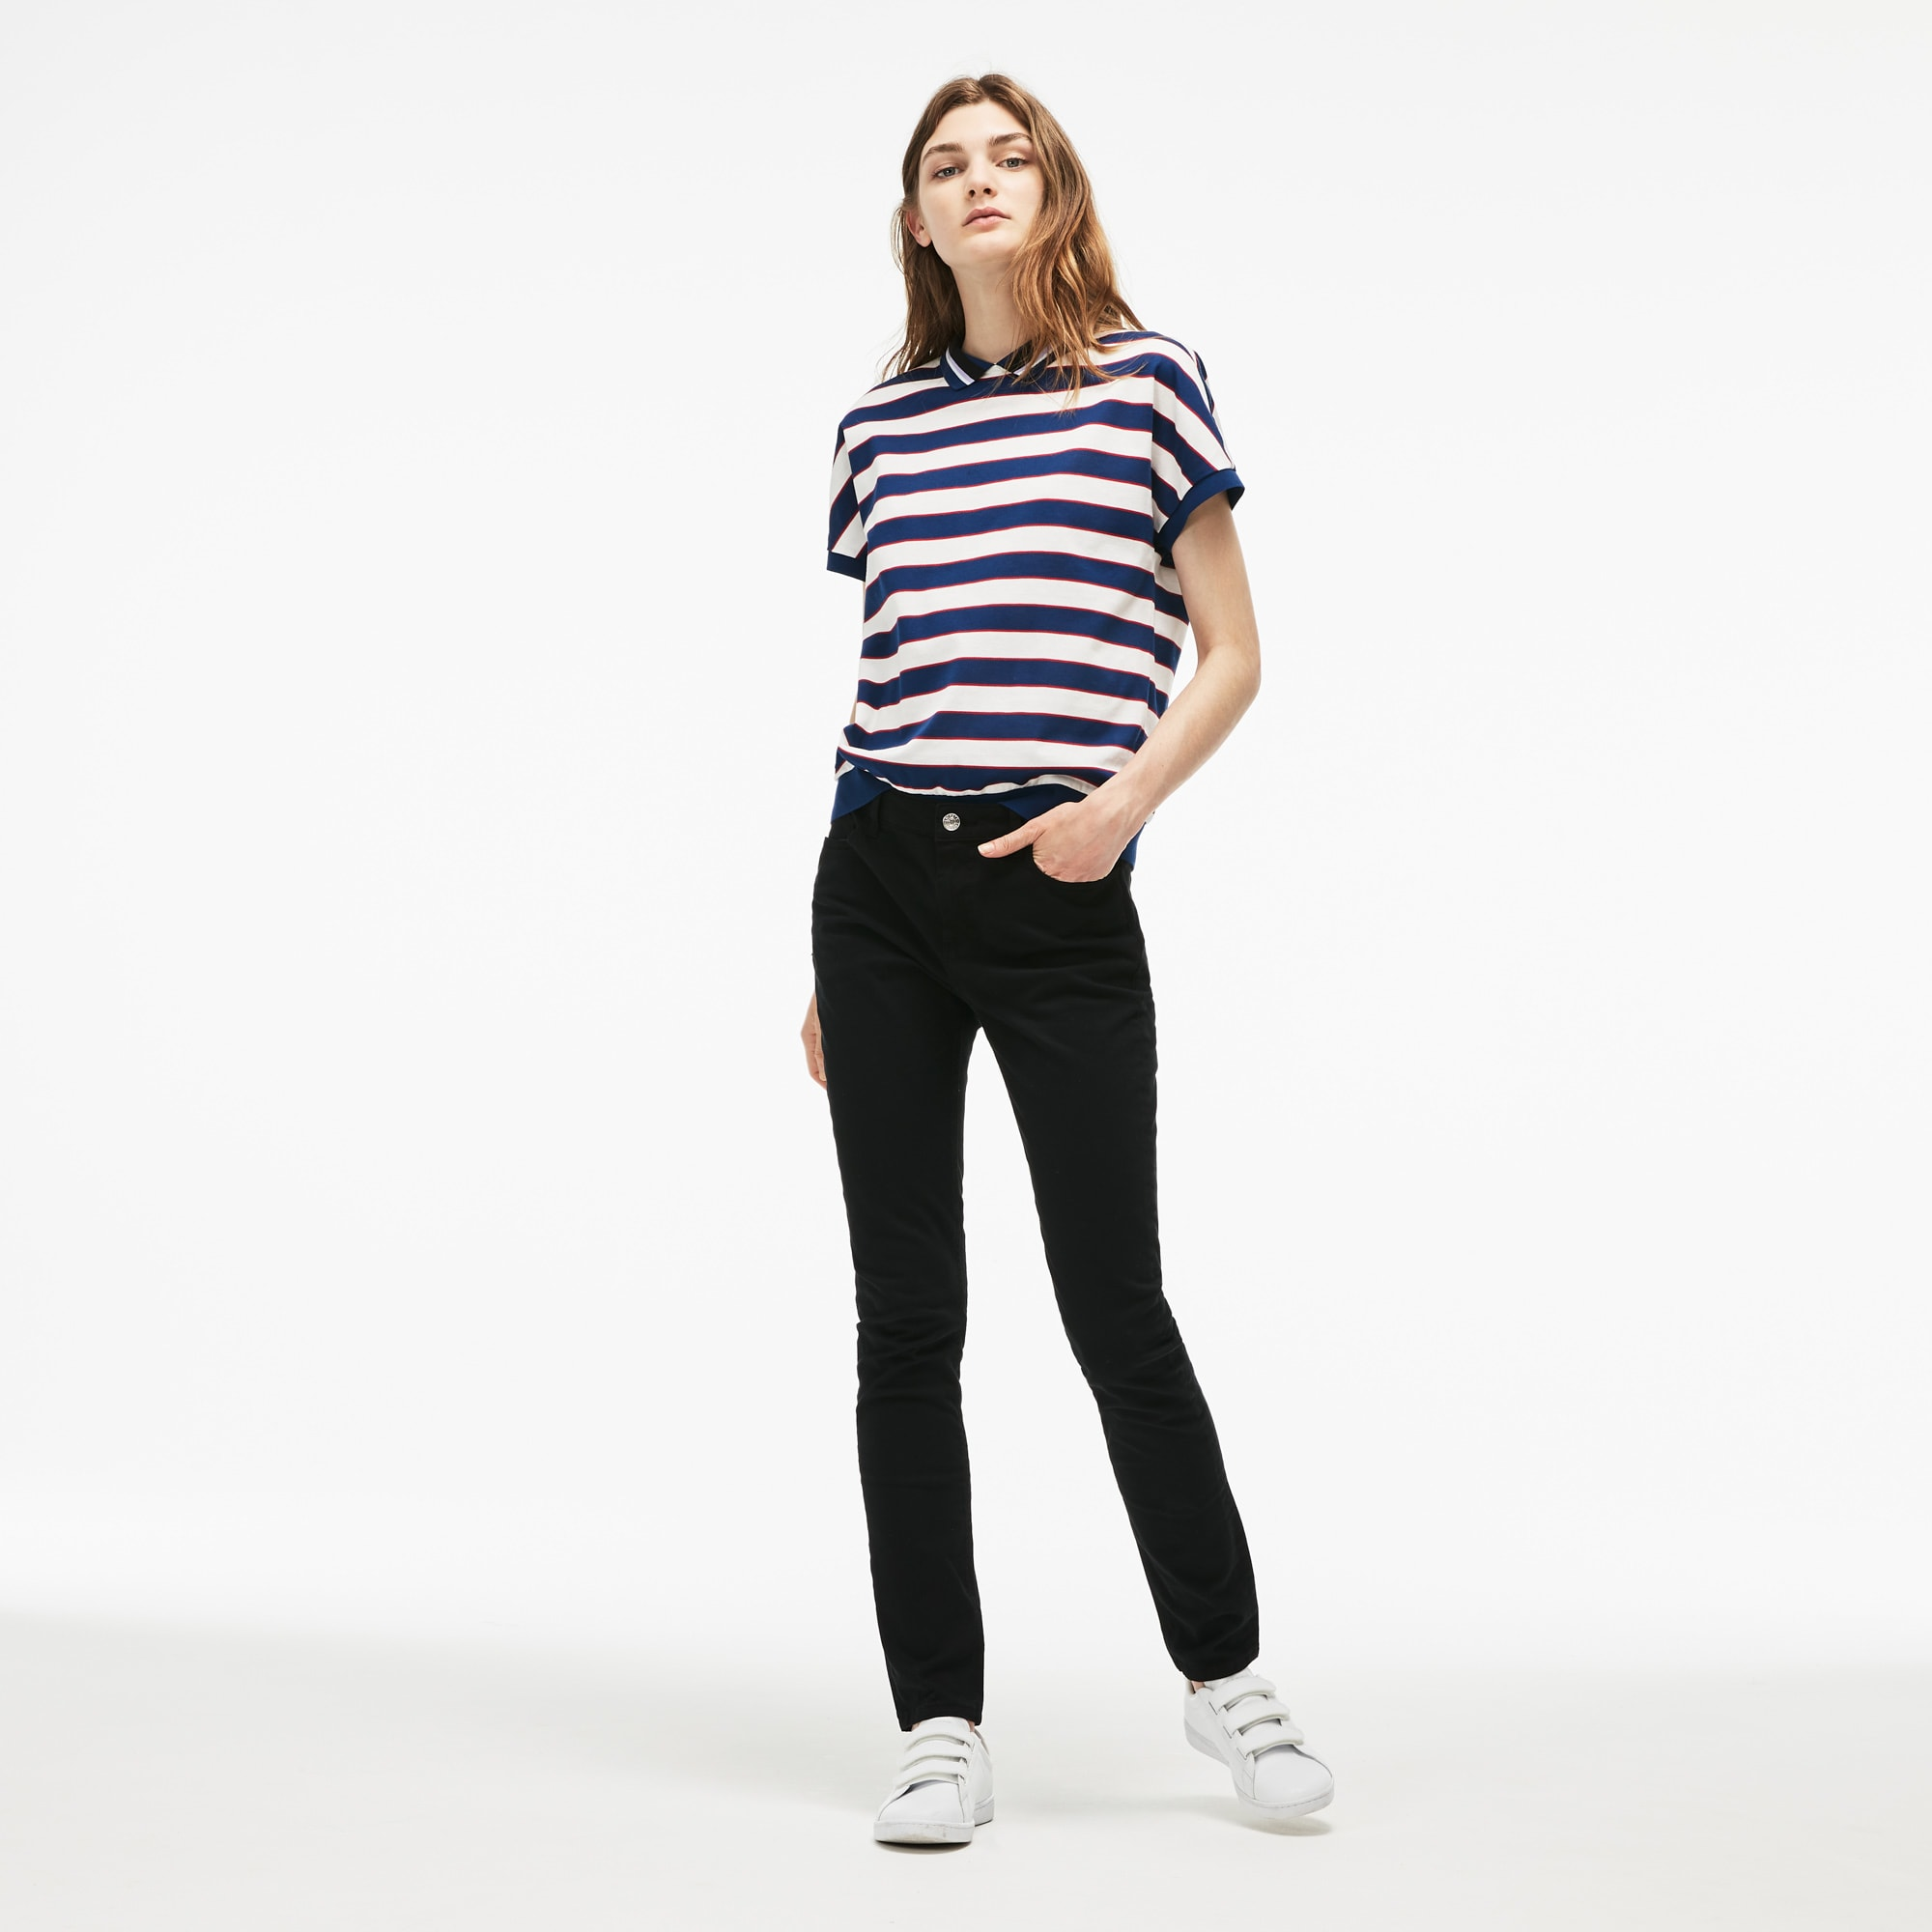 Slim Fit Damen-Jeans aus Baumwoll-Denim mit Stretch